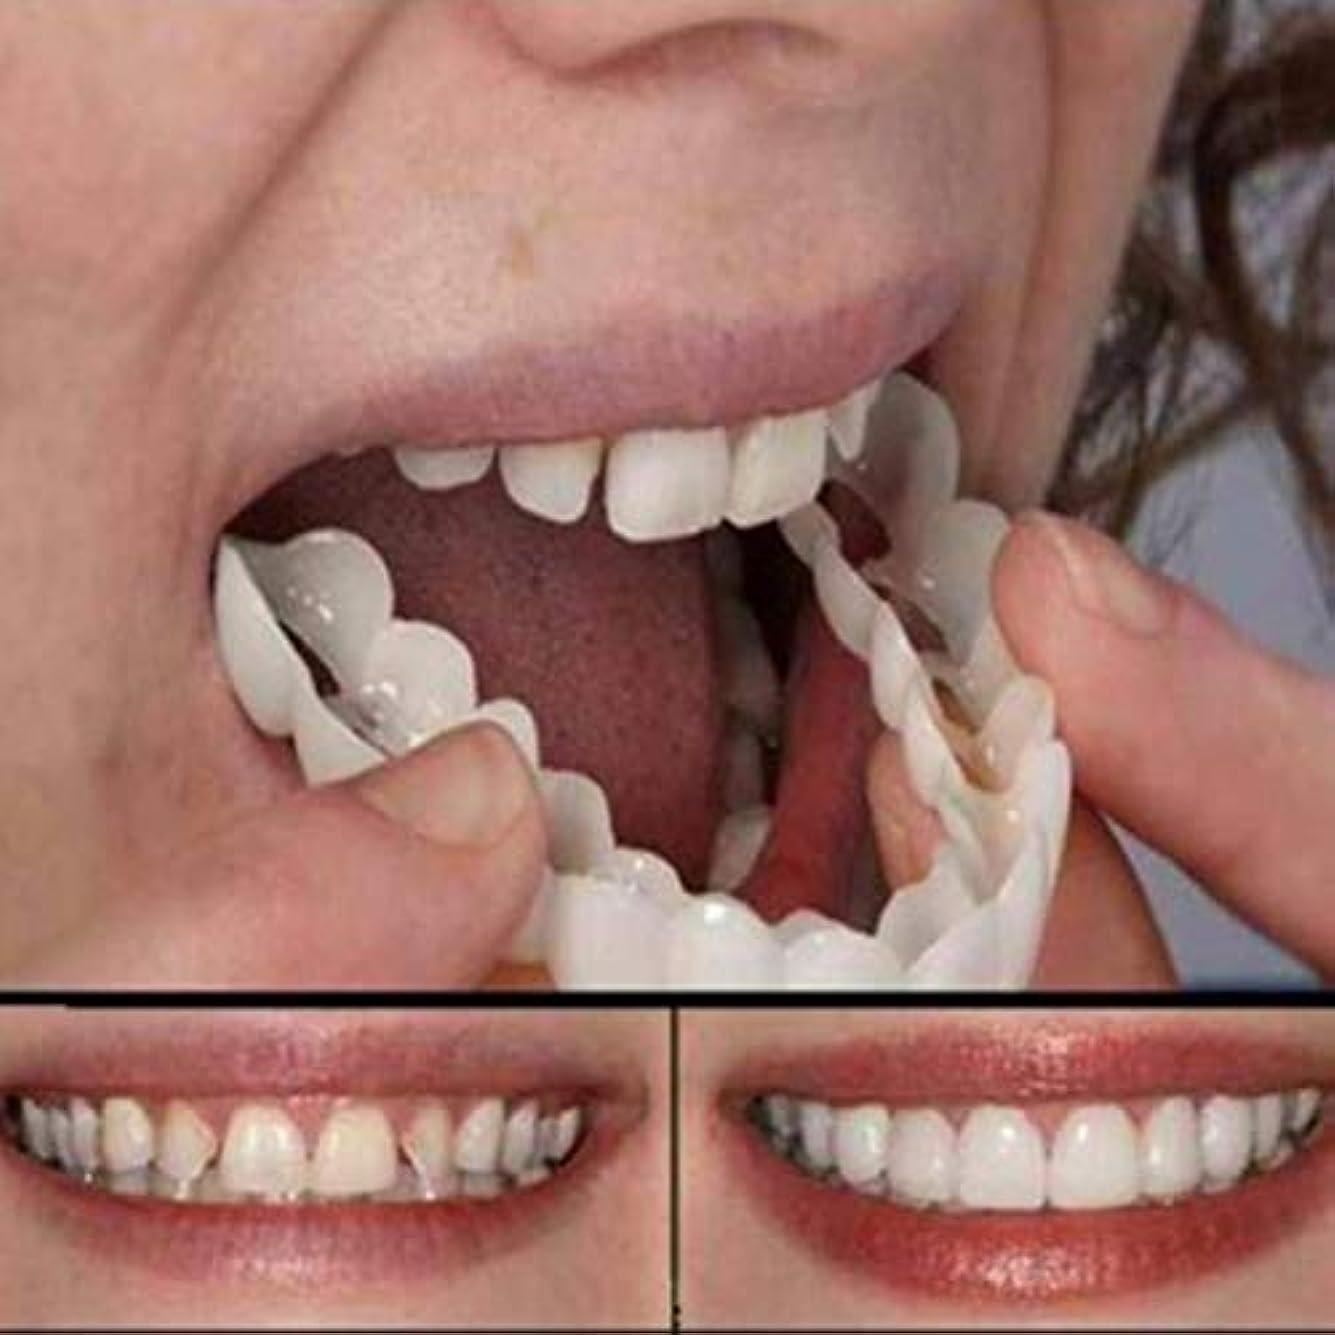 と特許ありそうホワイトニング入れ歯のシリコーンシミュレーション上段の8セットは入れ歯を再利用することができます